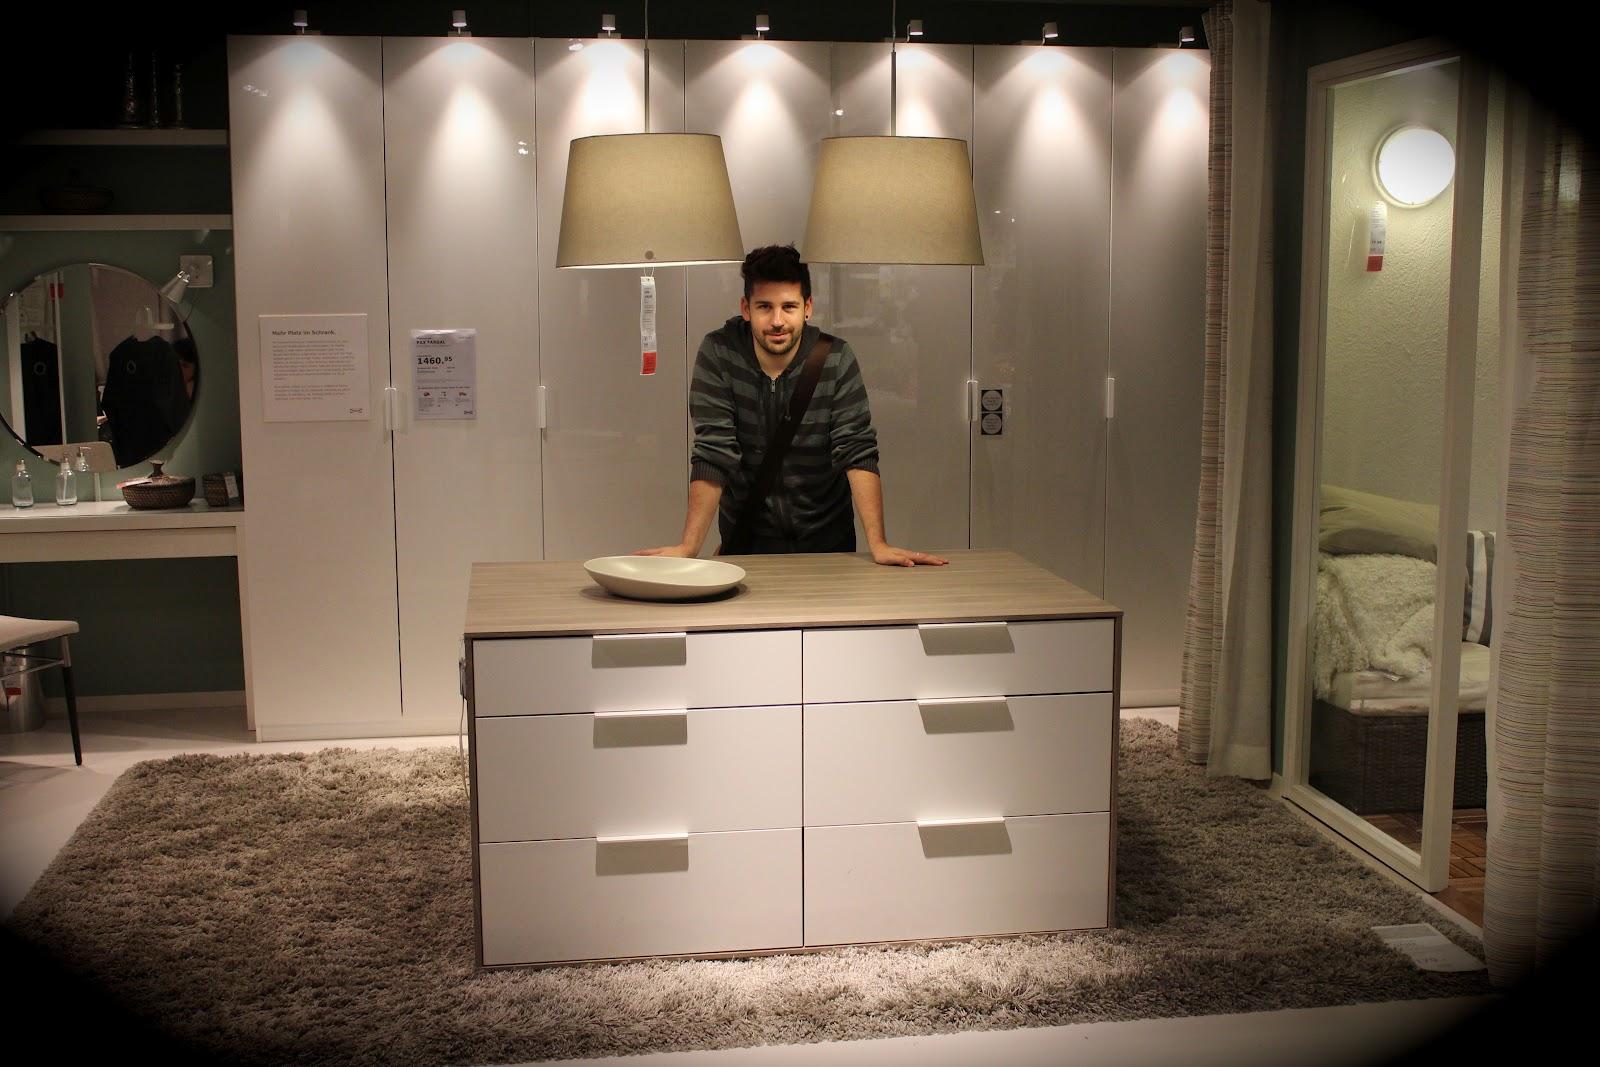 der perfekte kleiderschrank die begehbare variante einbauschrank pinterest. Black Bedroom Furniture Sets. Home Design Ideas